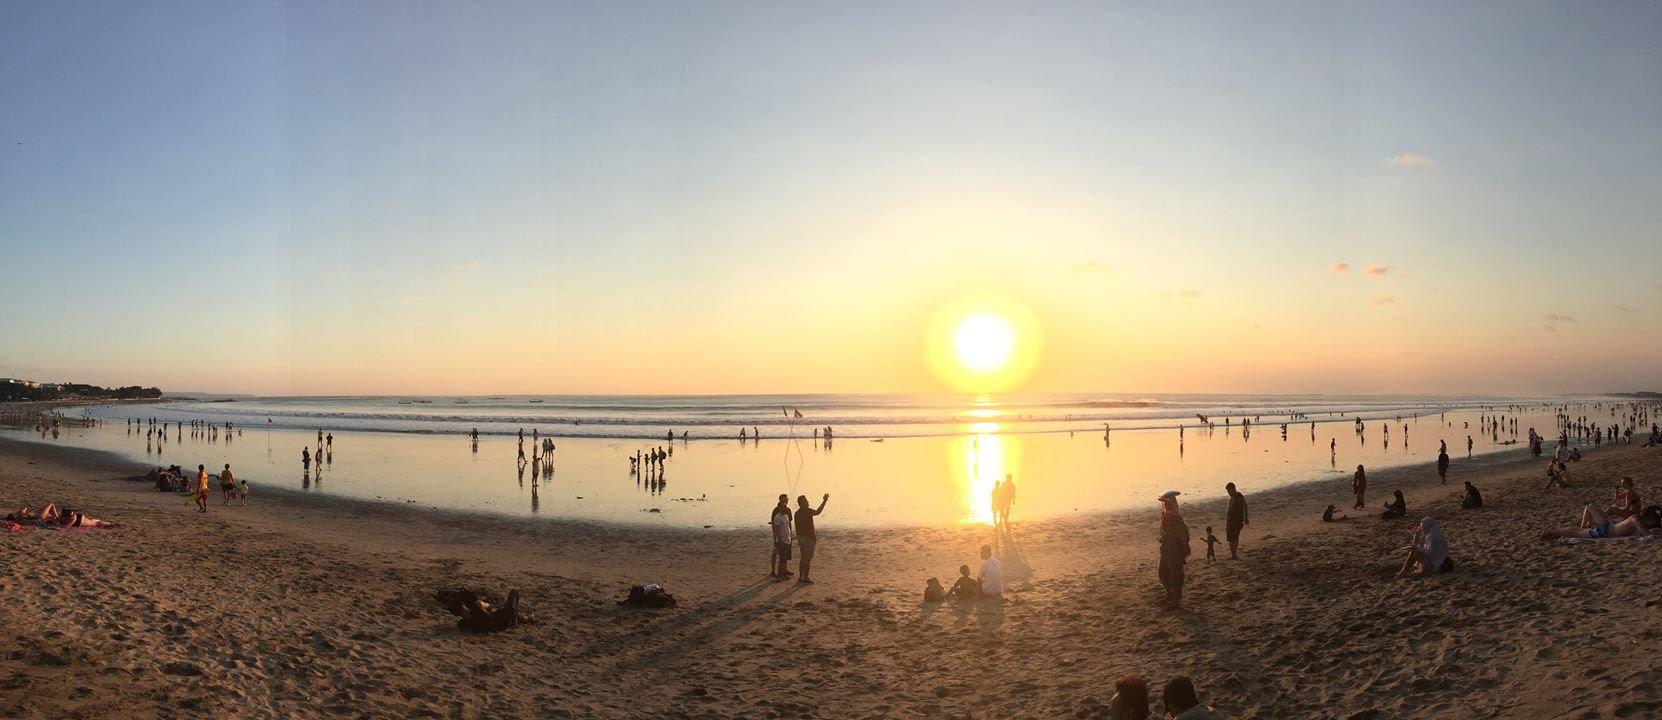 hoàng hôn tại kuta beach